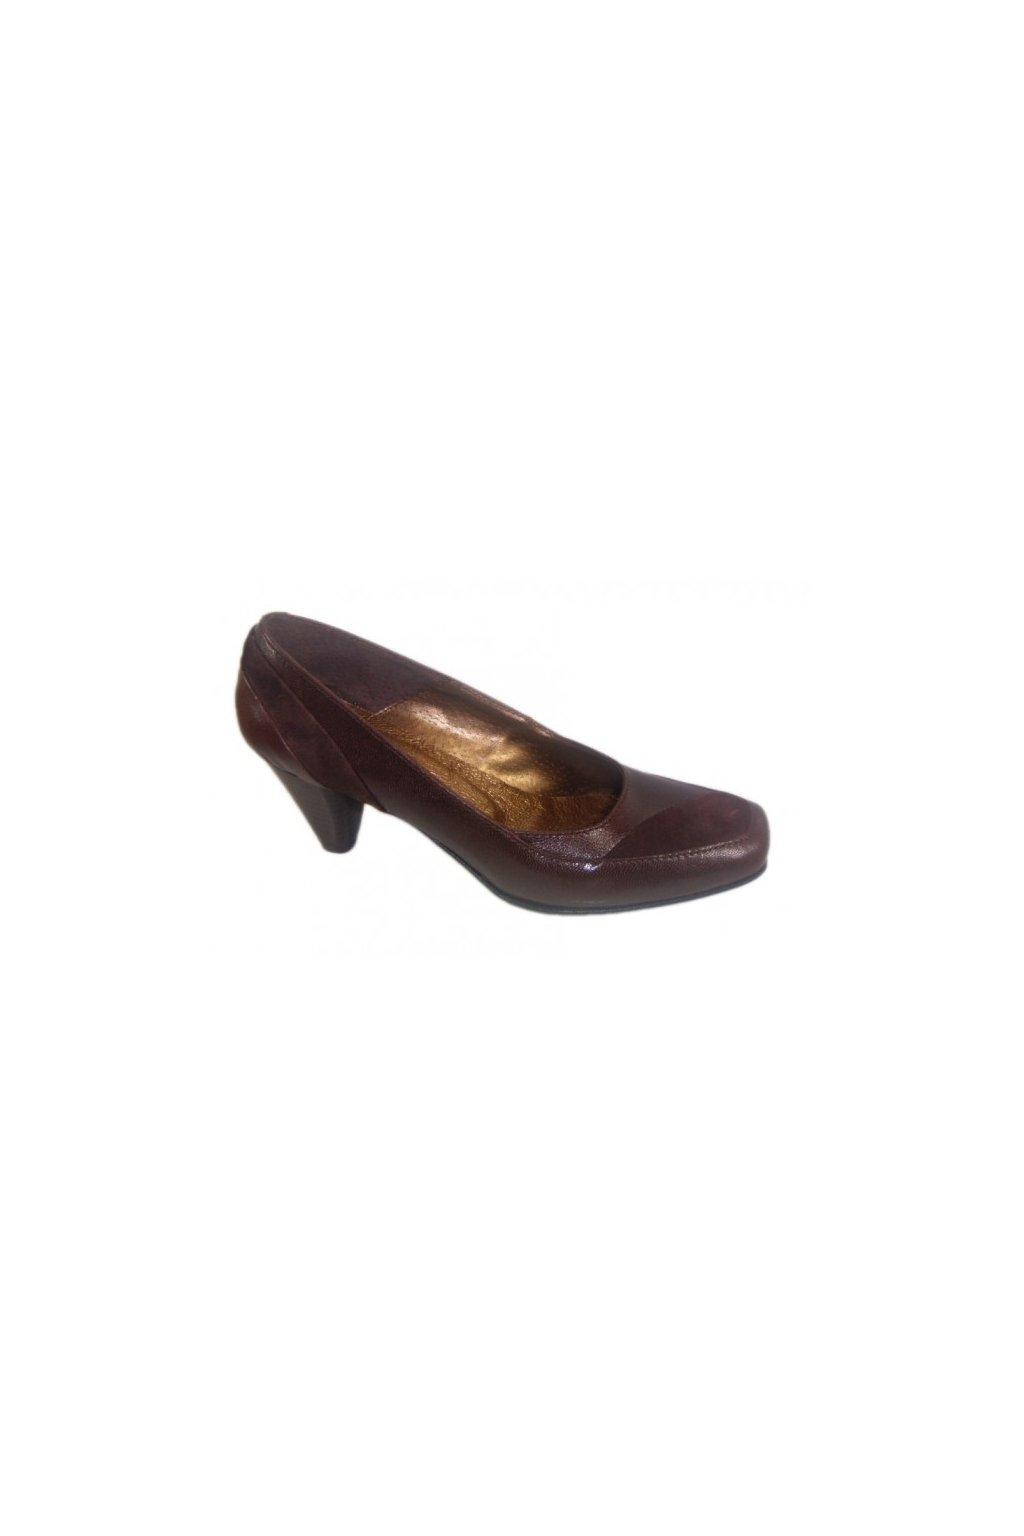 Podměrná dámská obuv Hujo 135